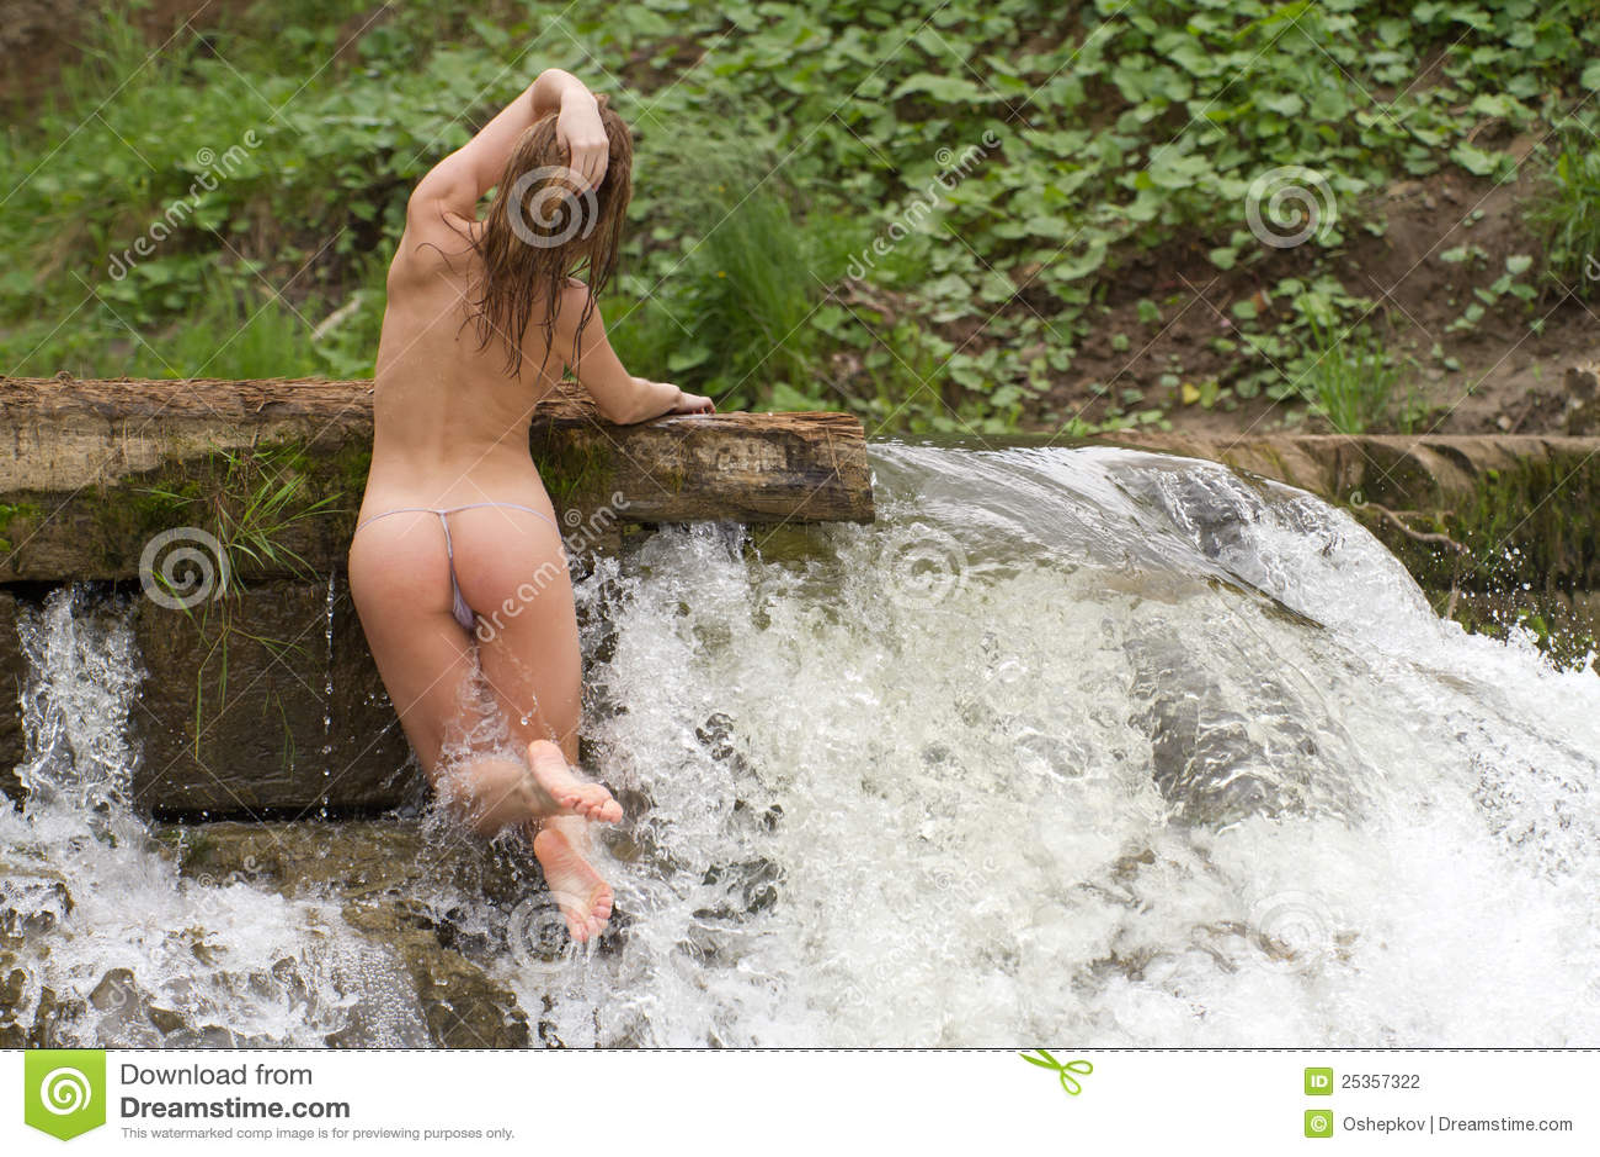 wife flashing big tits